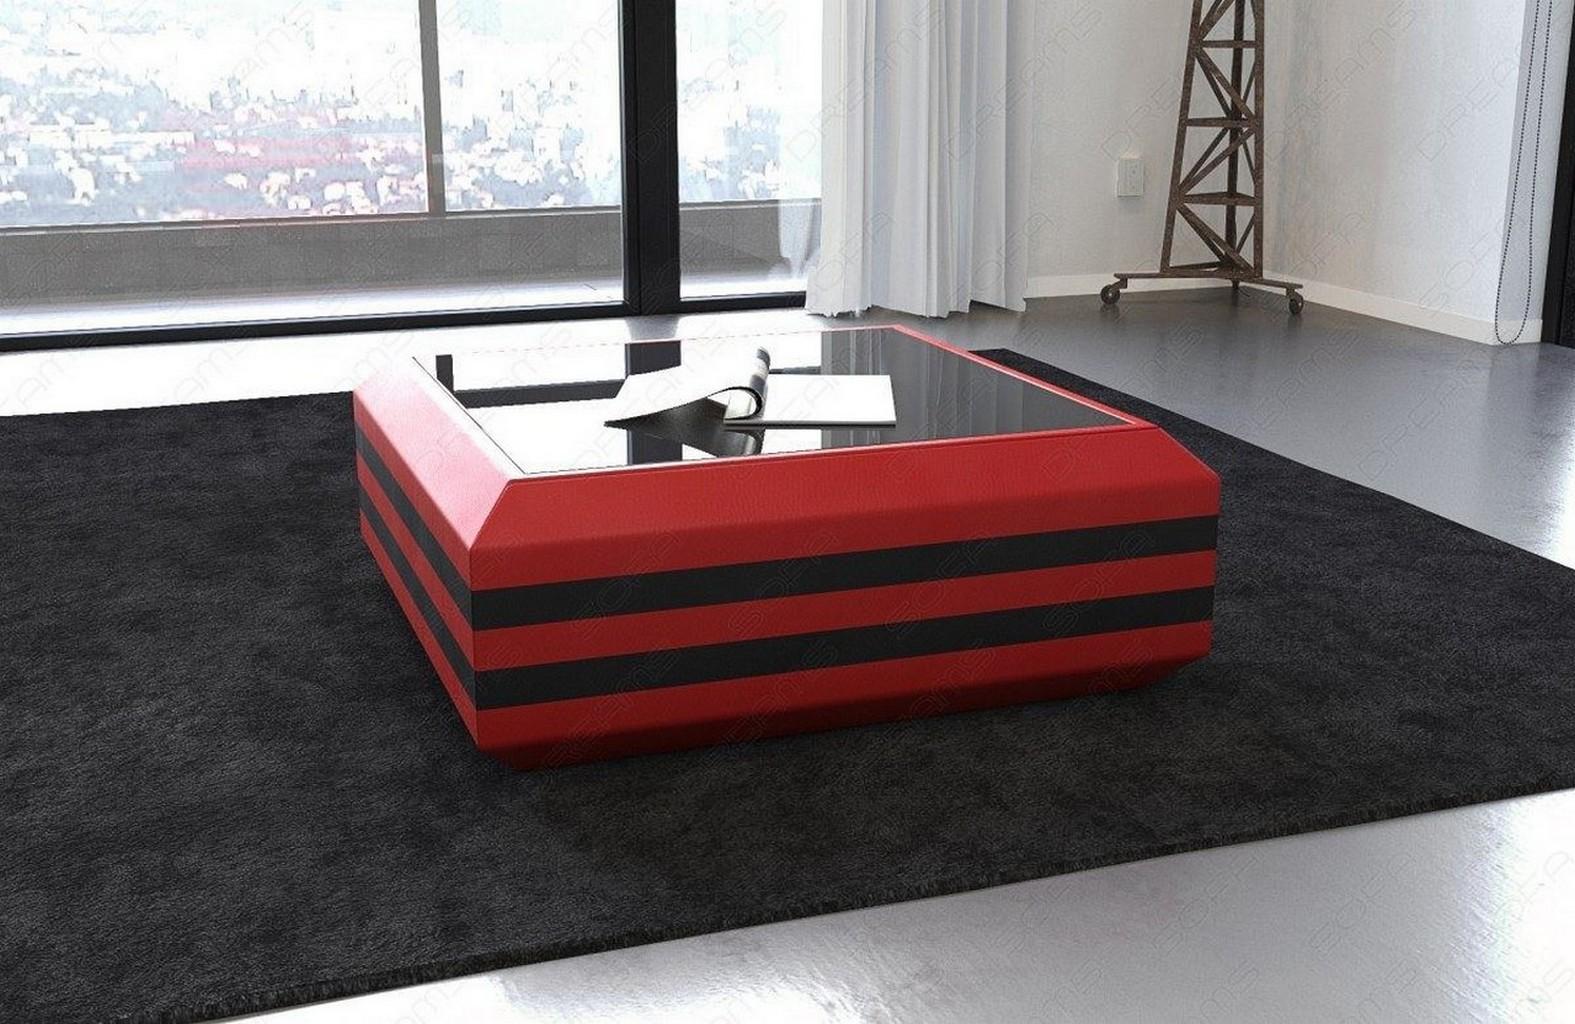 Couchtisch ravenna designer wohnzimmertisch leder versch for Designer couchtisch rot